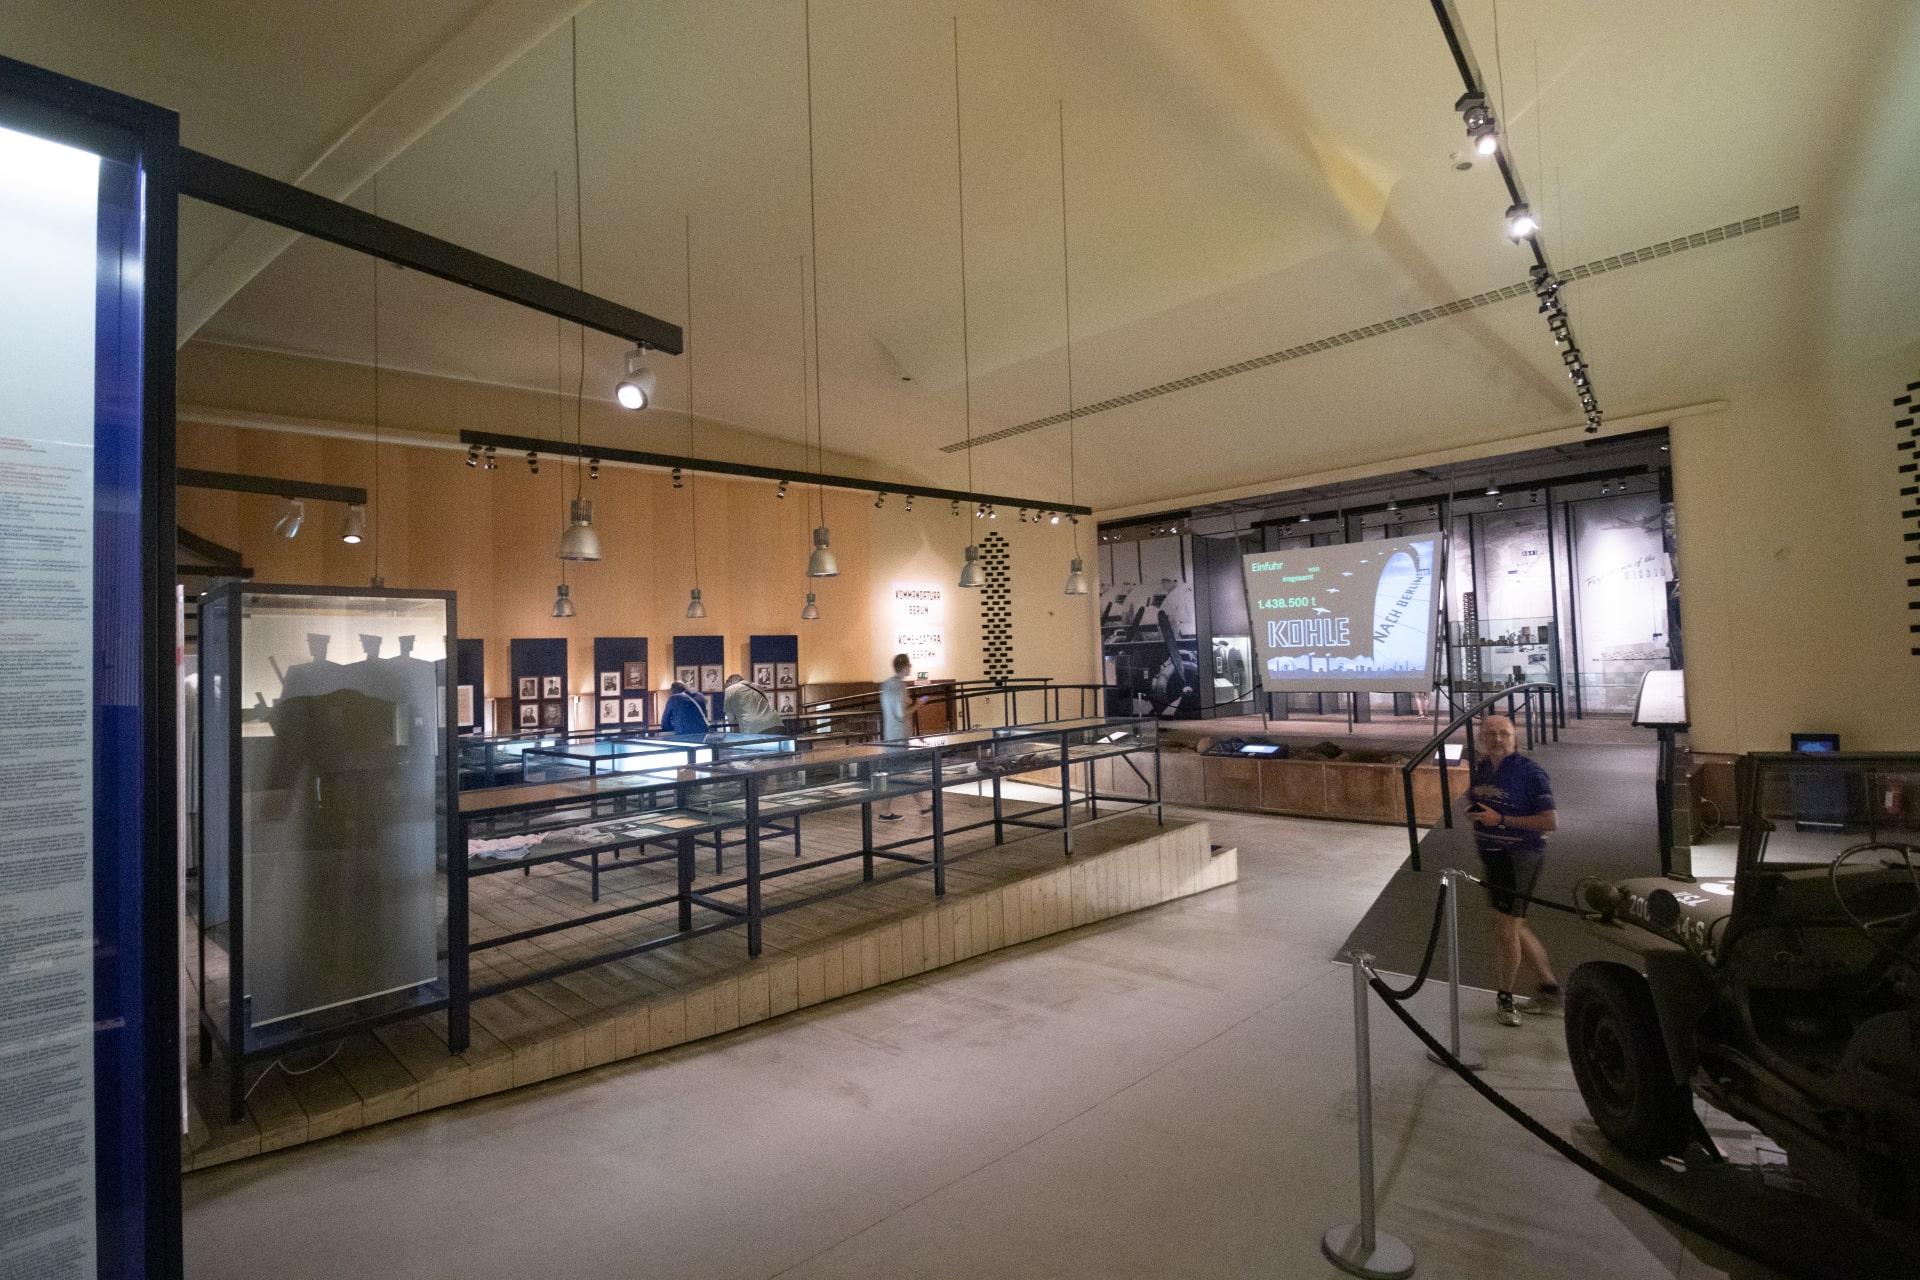 a-few-men-walking-around-allied-museum-free-museums-in-berlin